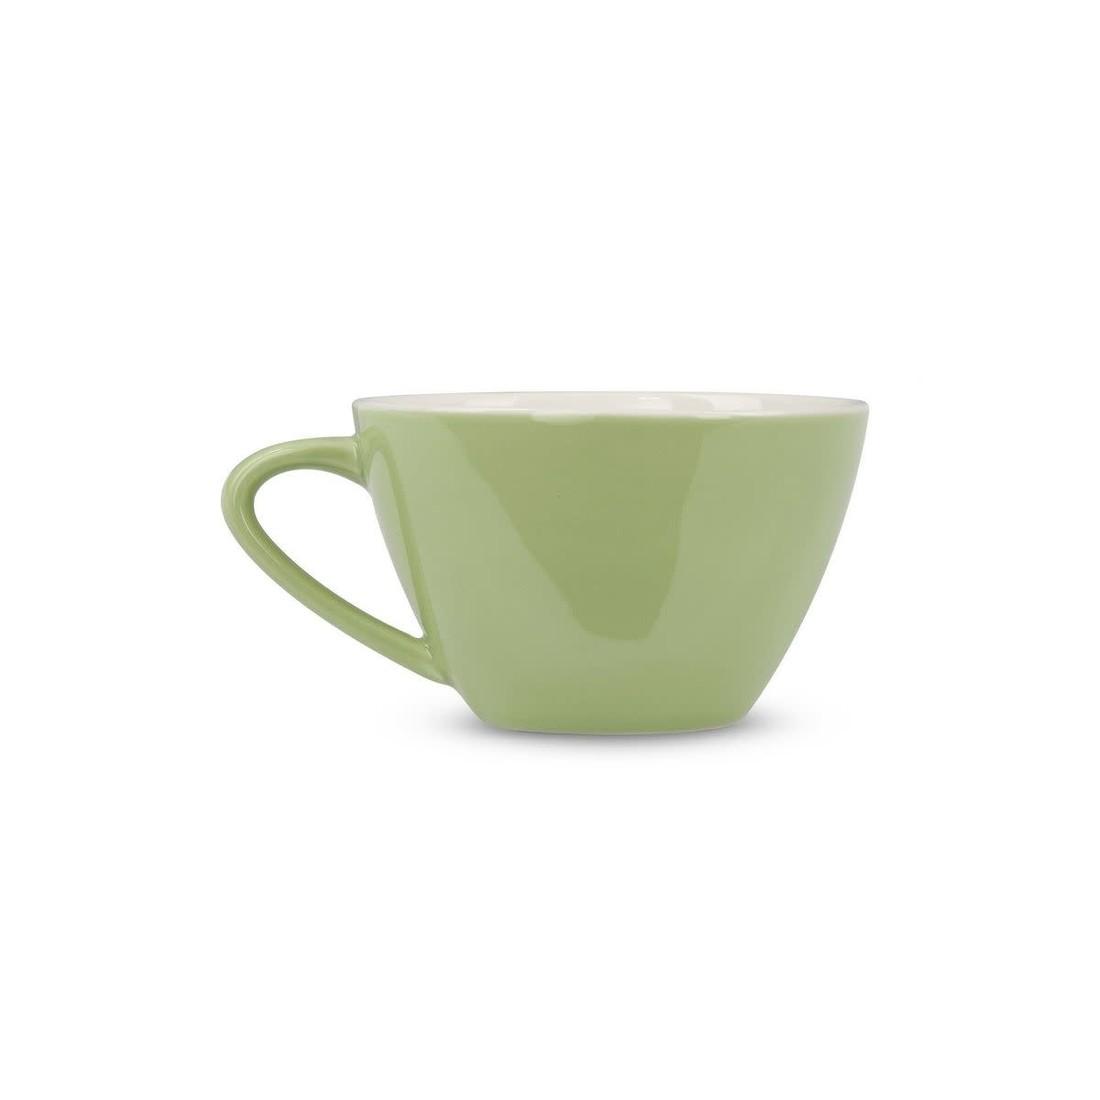 Rössler Porzellan Kaffeetasse 60s Revival mint